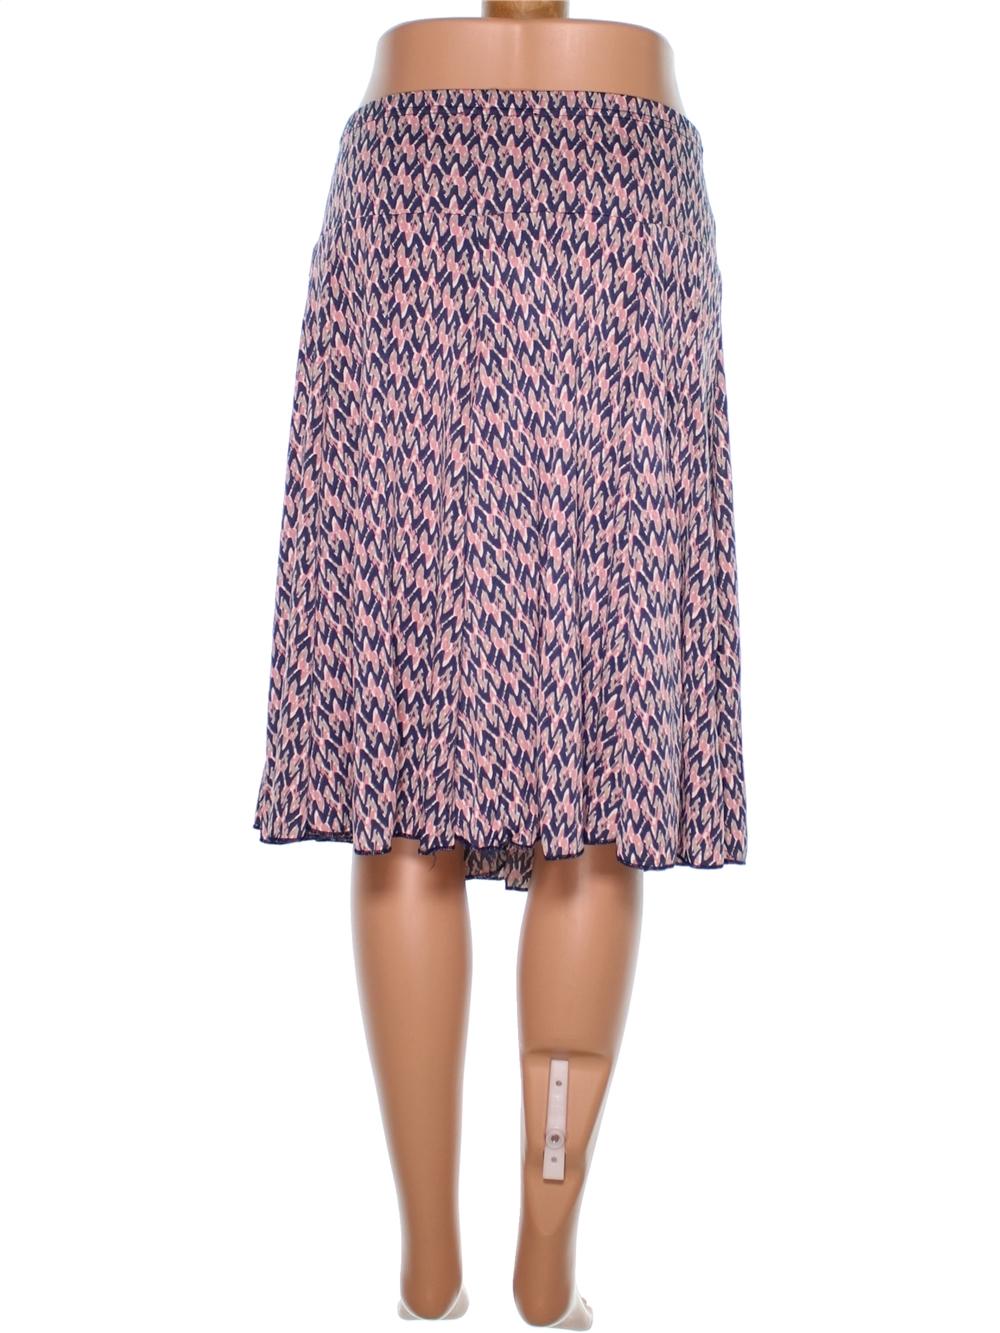 Jupe Femme ARMAND THIERY 42 (L T2) pas cher, 9.99 € #1172597